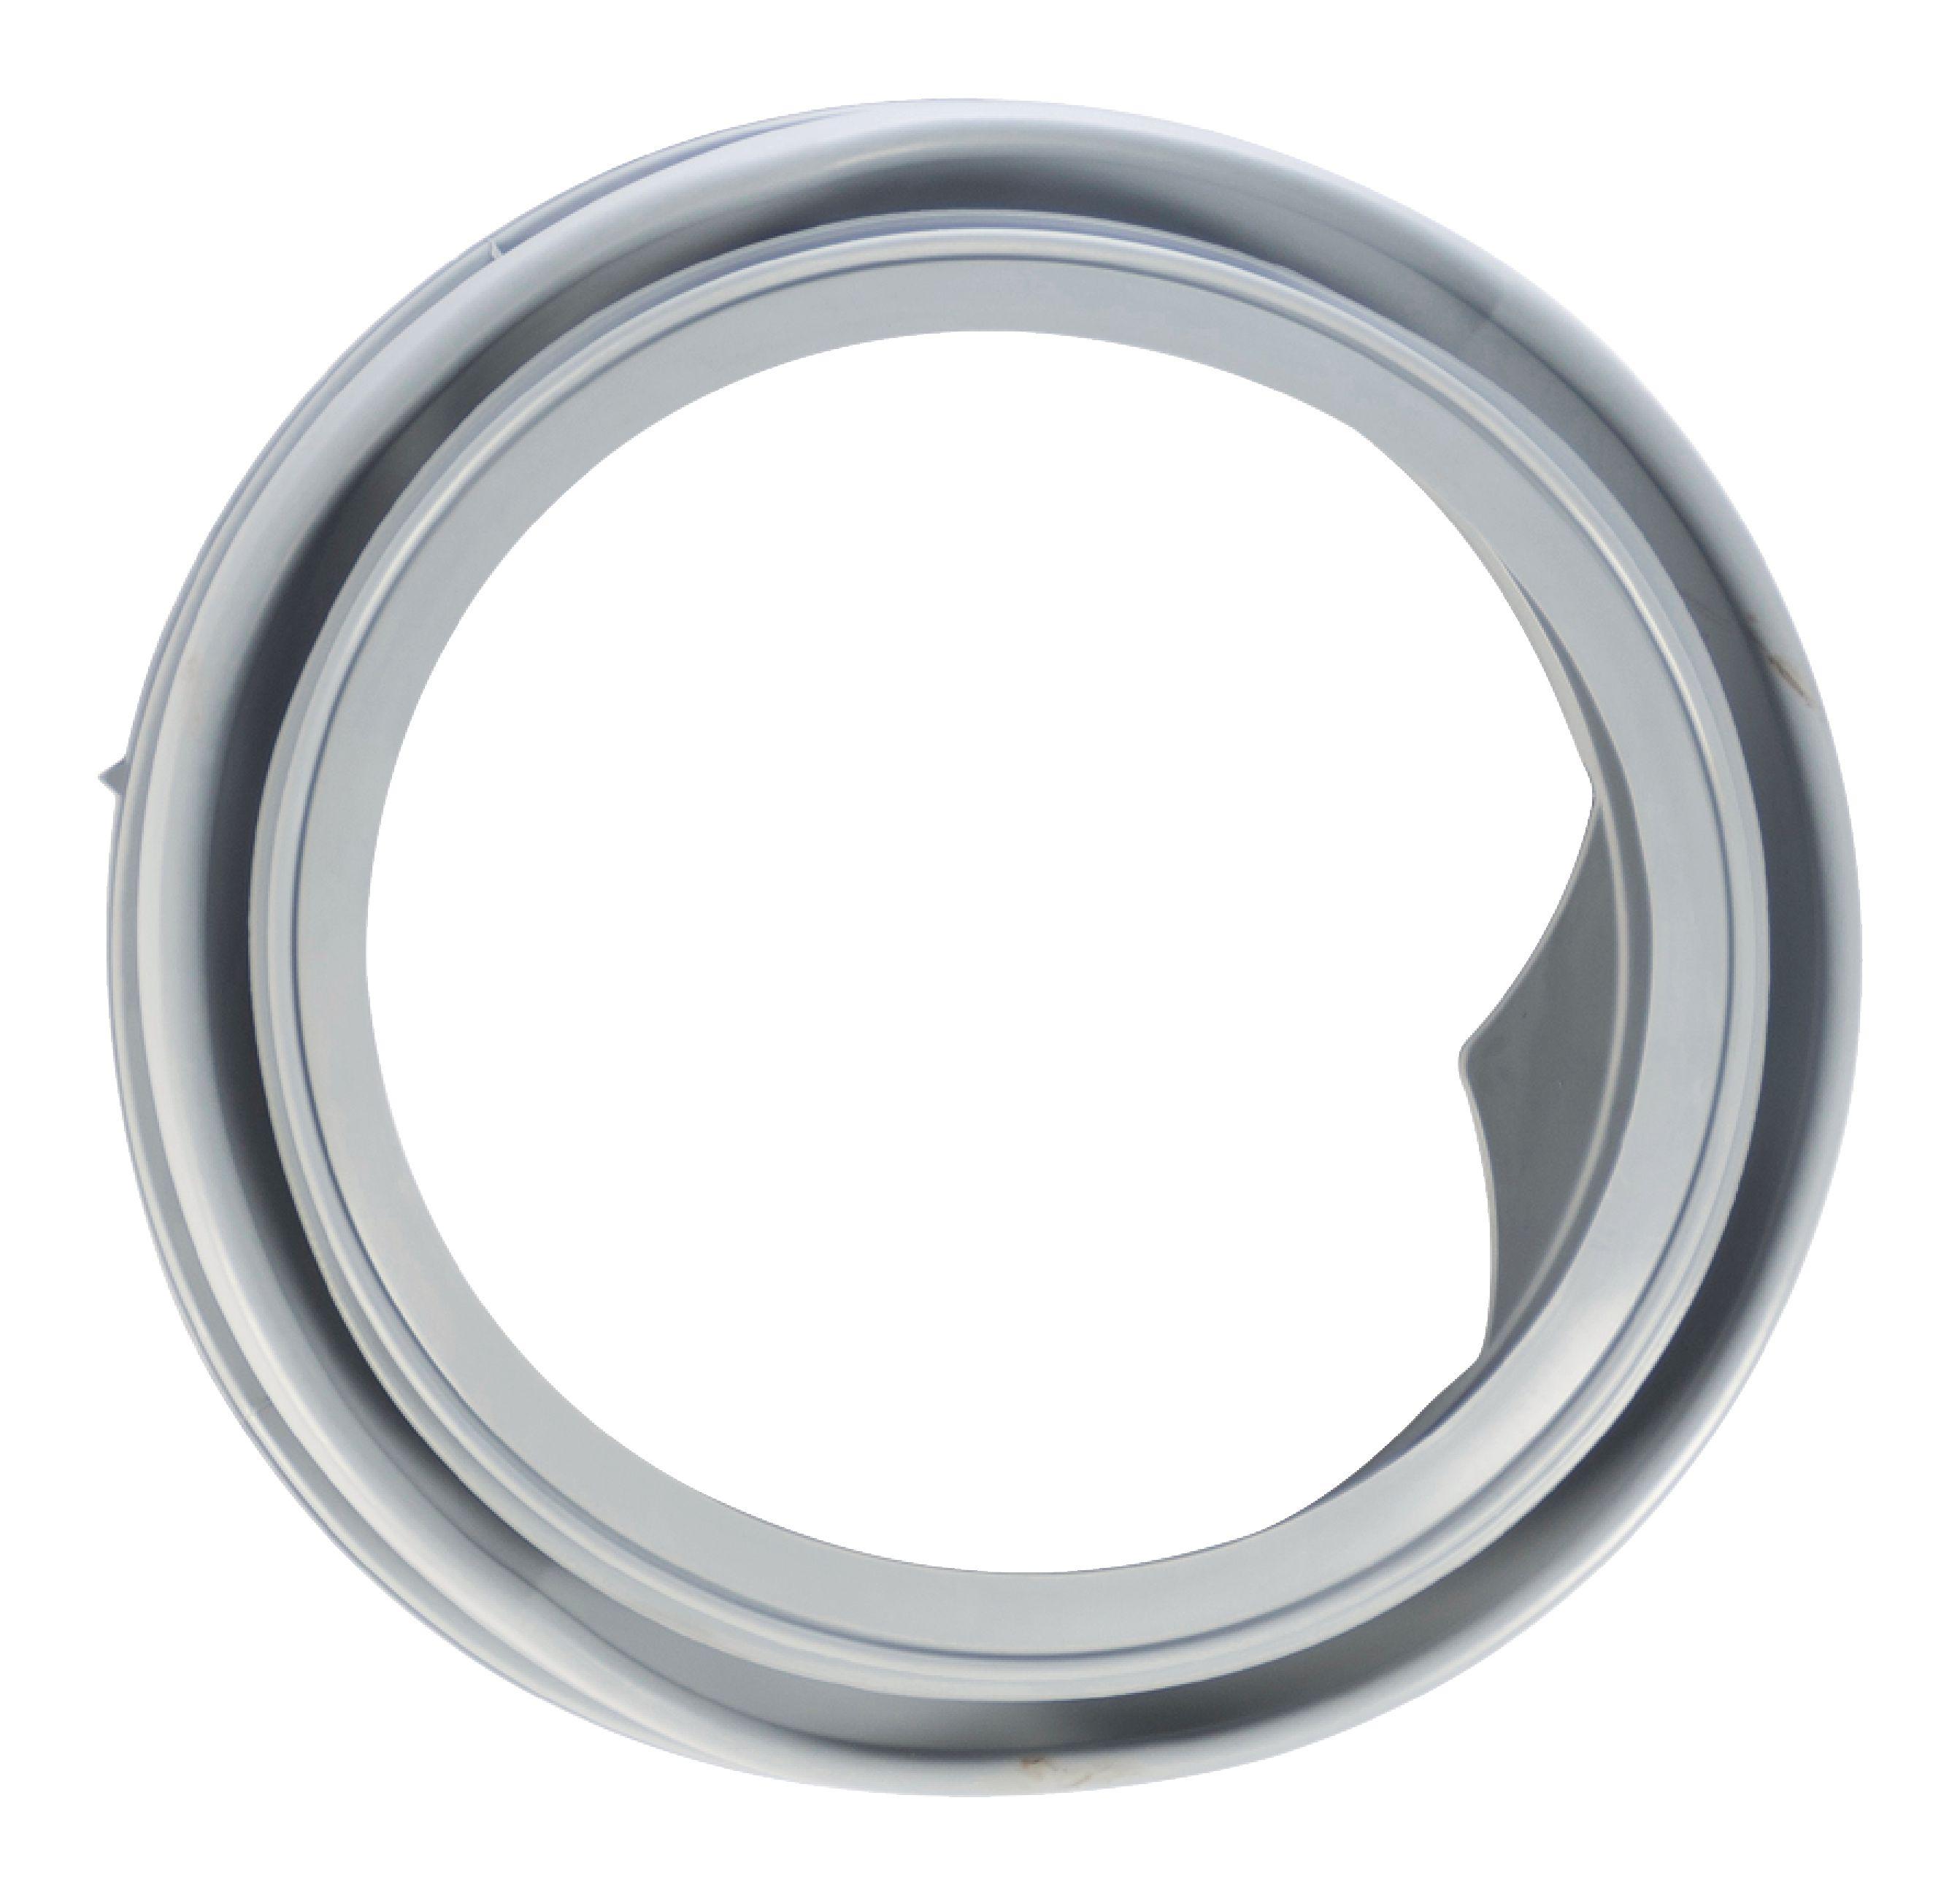 Těsnění dveří pračky - manžeta Whirlpool 481246068633